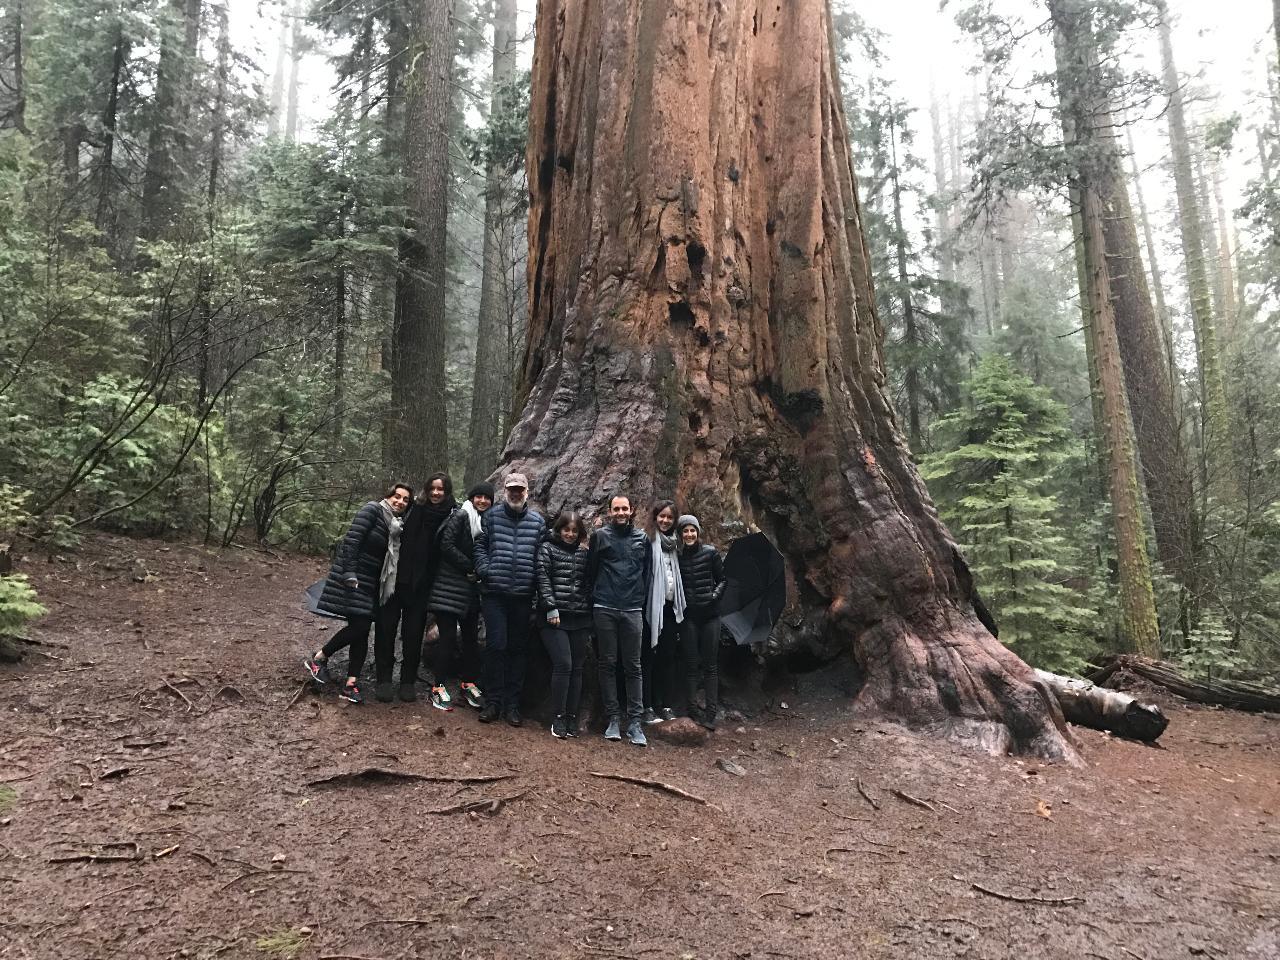 Giant Sequoia 3hr ATV Tour